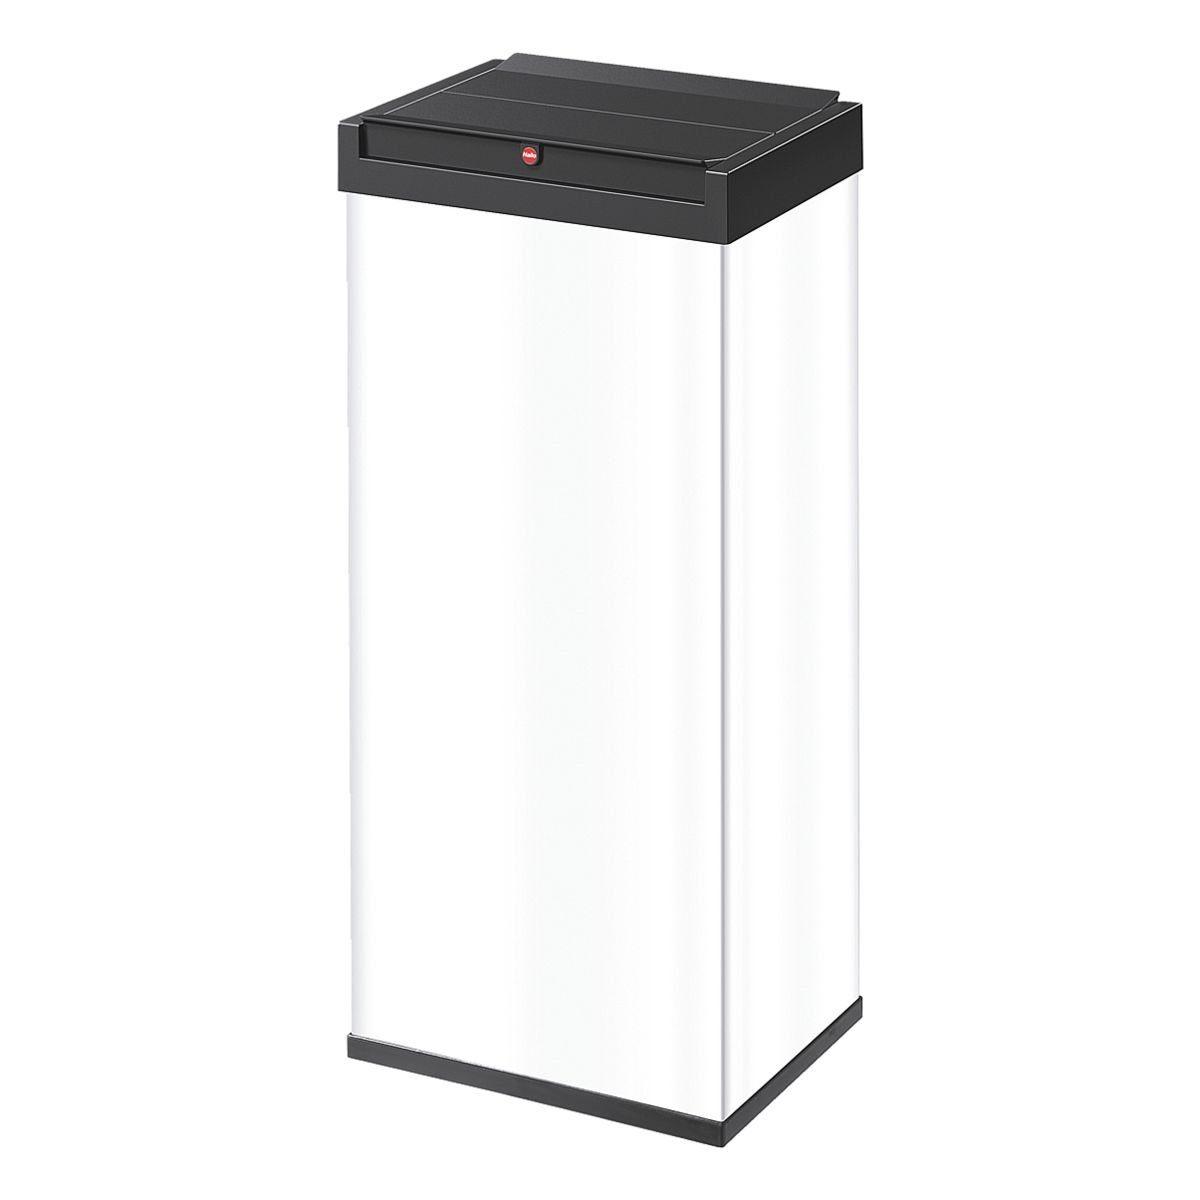 Hailo Mülleimer 60 Liter »Big Box«